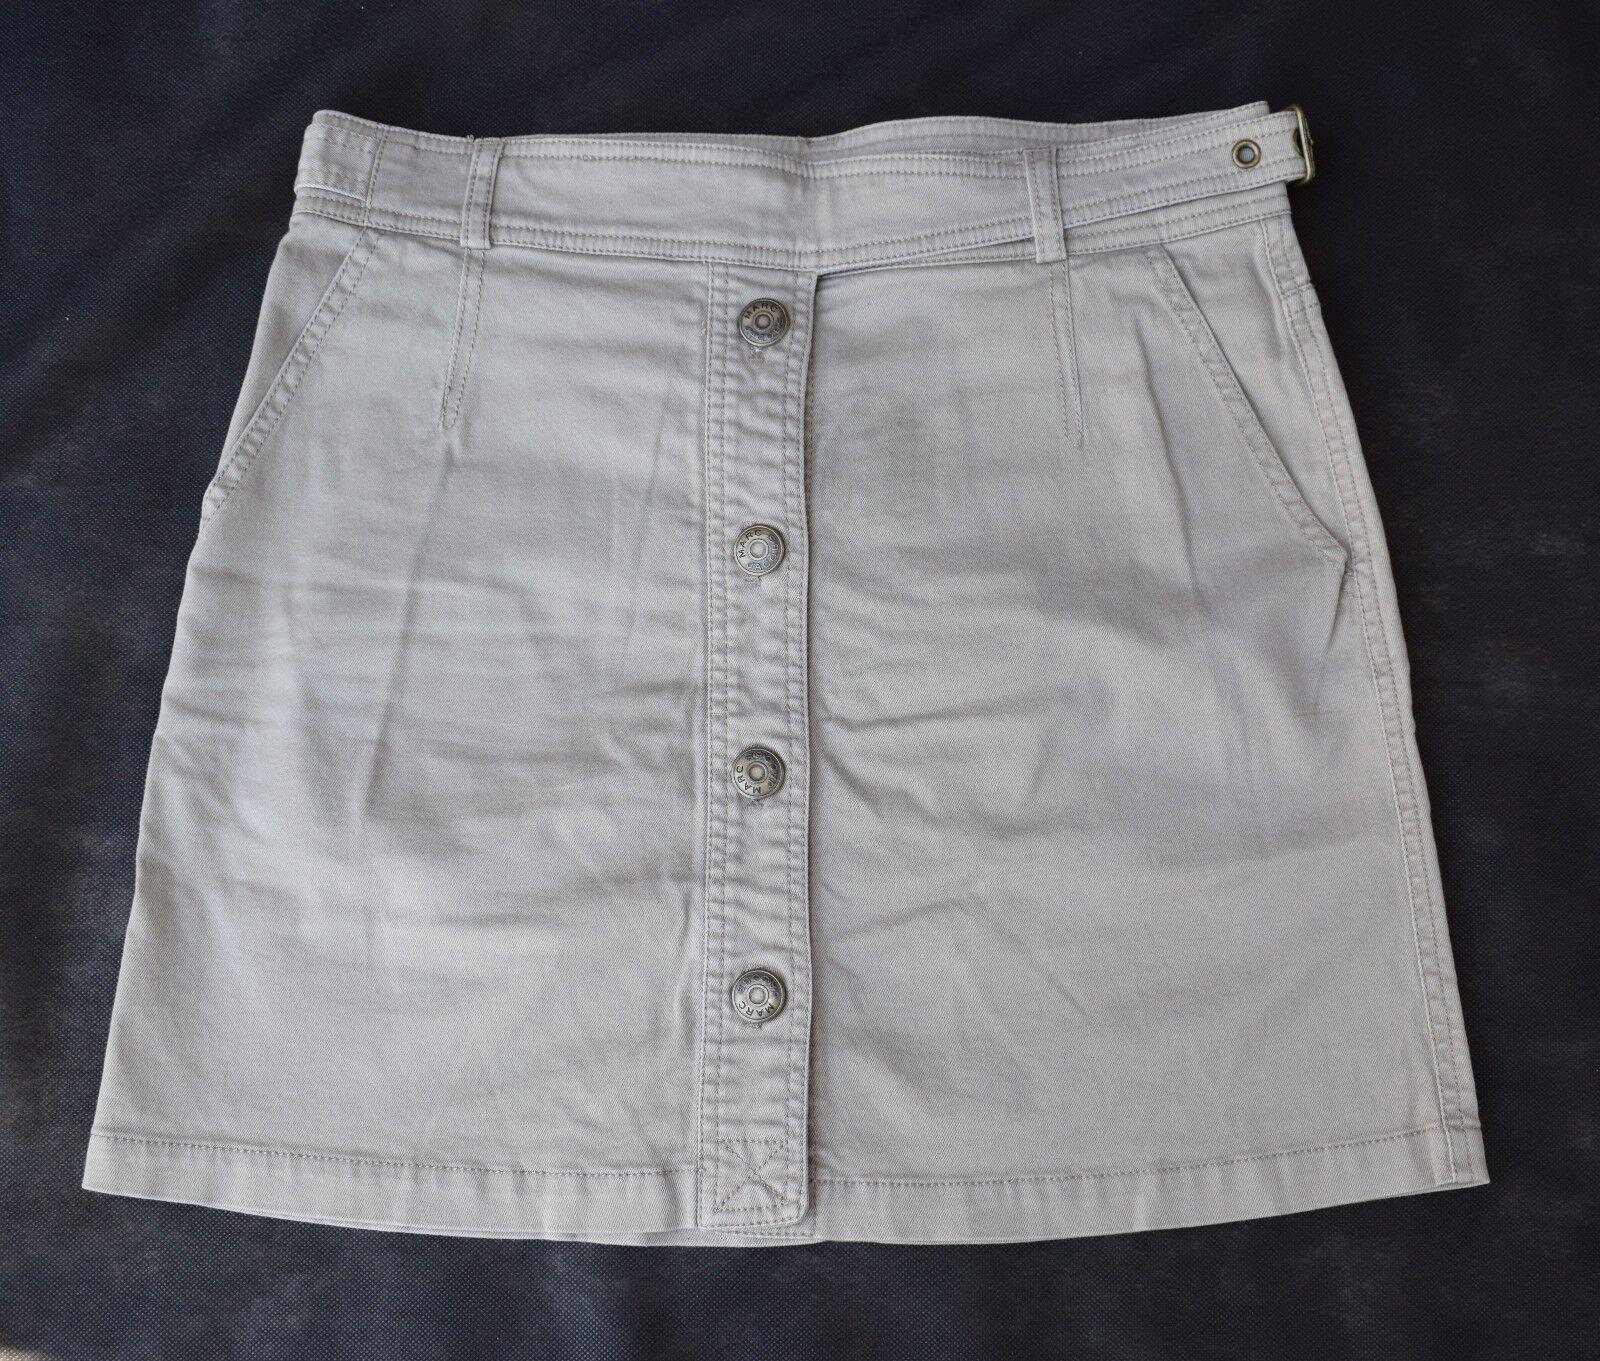 MARC JACOBS Size 4 Button-Front Designer Skirt  31  Waist x 16  Length